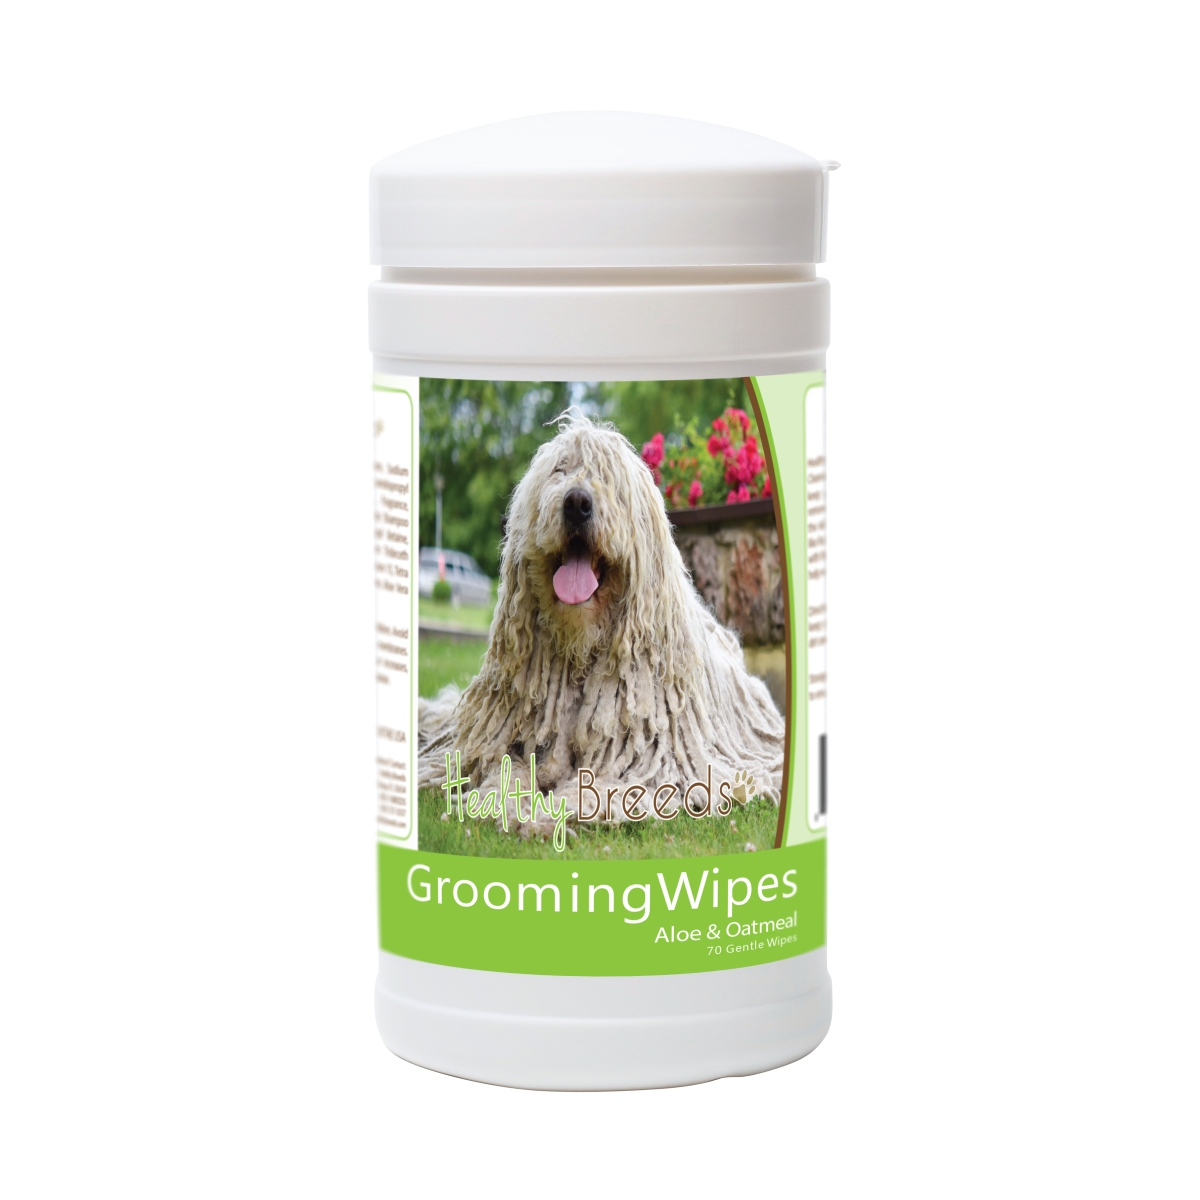 Healthy Breeds 840235178453 Komondorok Grooming Wipes - 70 Count